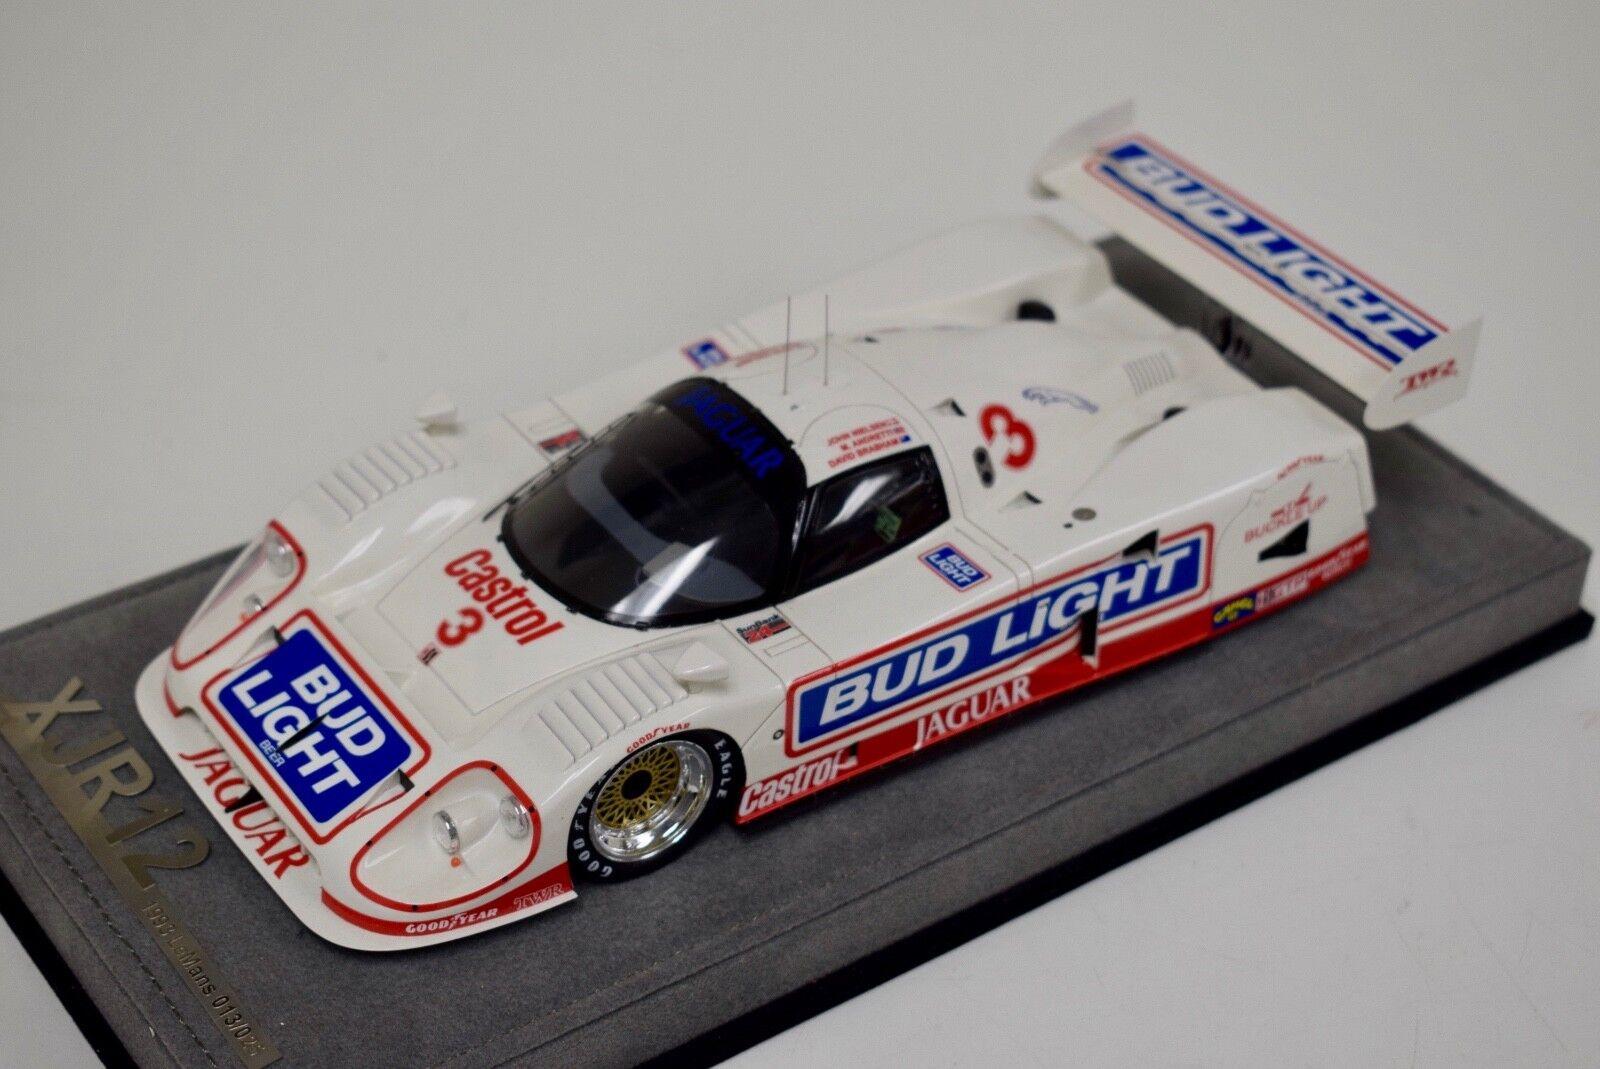 1/18 AB Models Jaguar XJR12 1993 24 Hours of Daytona Car #3 DX